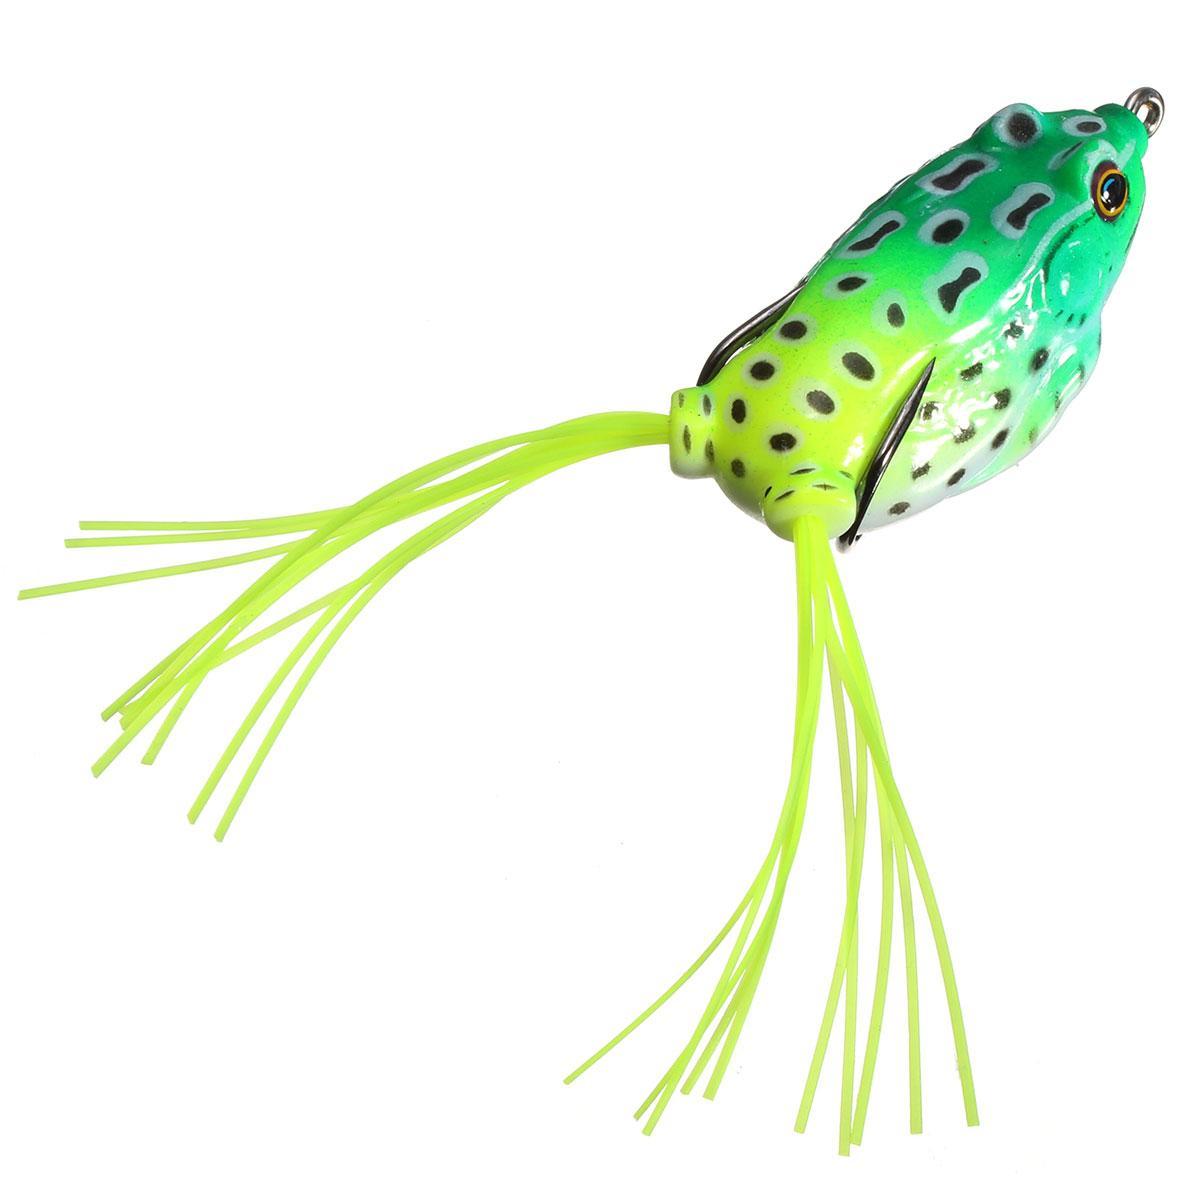 Рыбалка приманки мягкие приманки лягушка лягушка полого тела мягкой приманки рыболовные снасти - 1TopShop